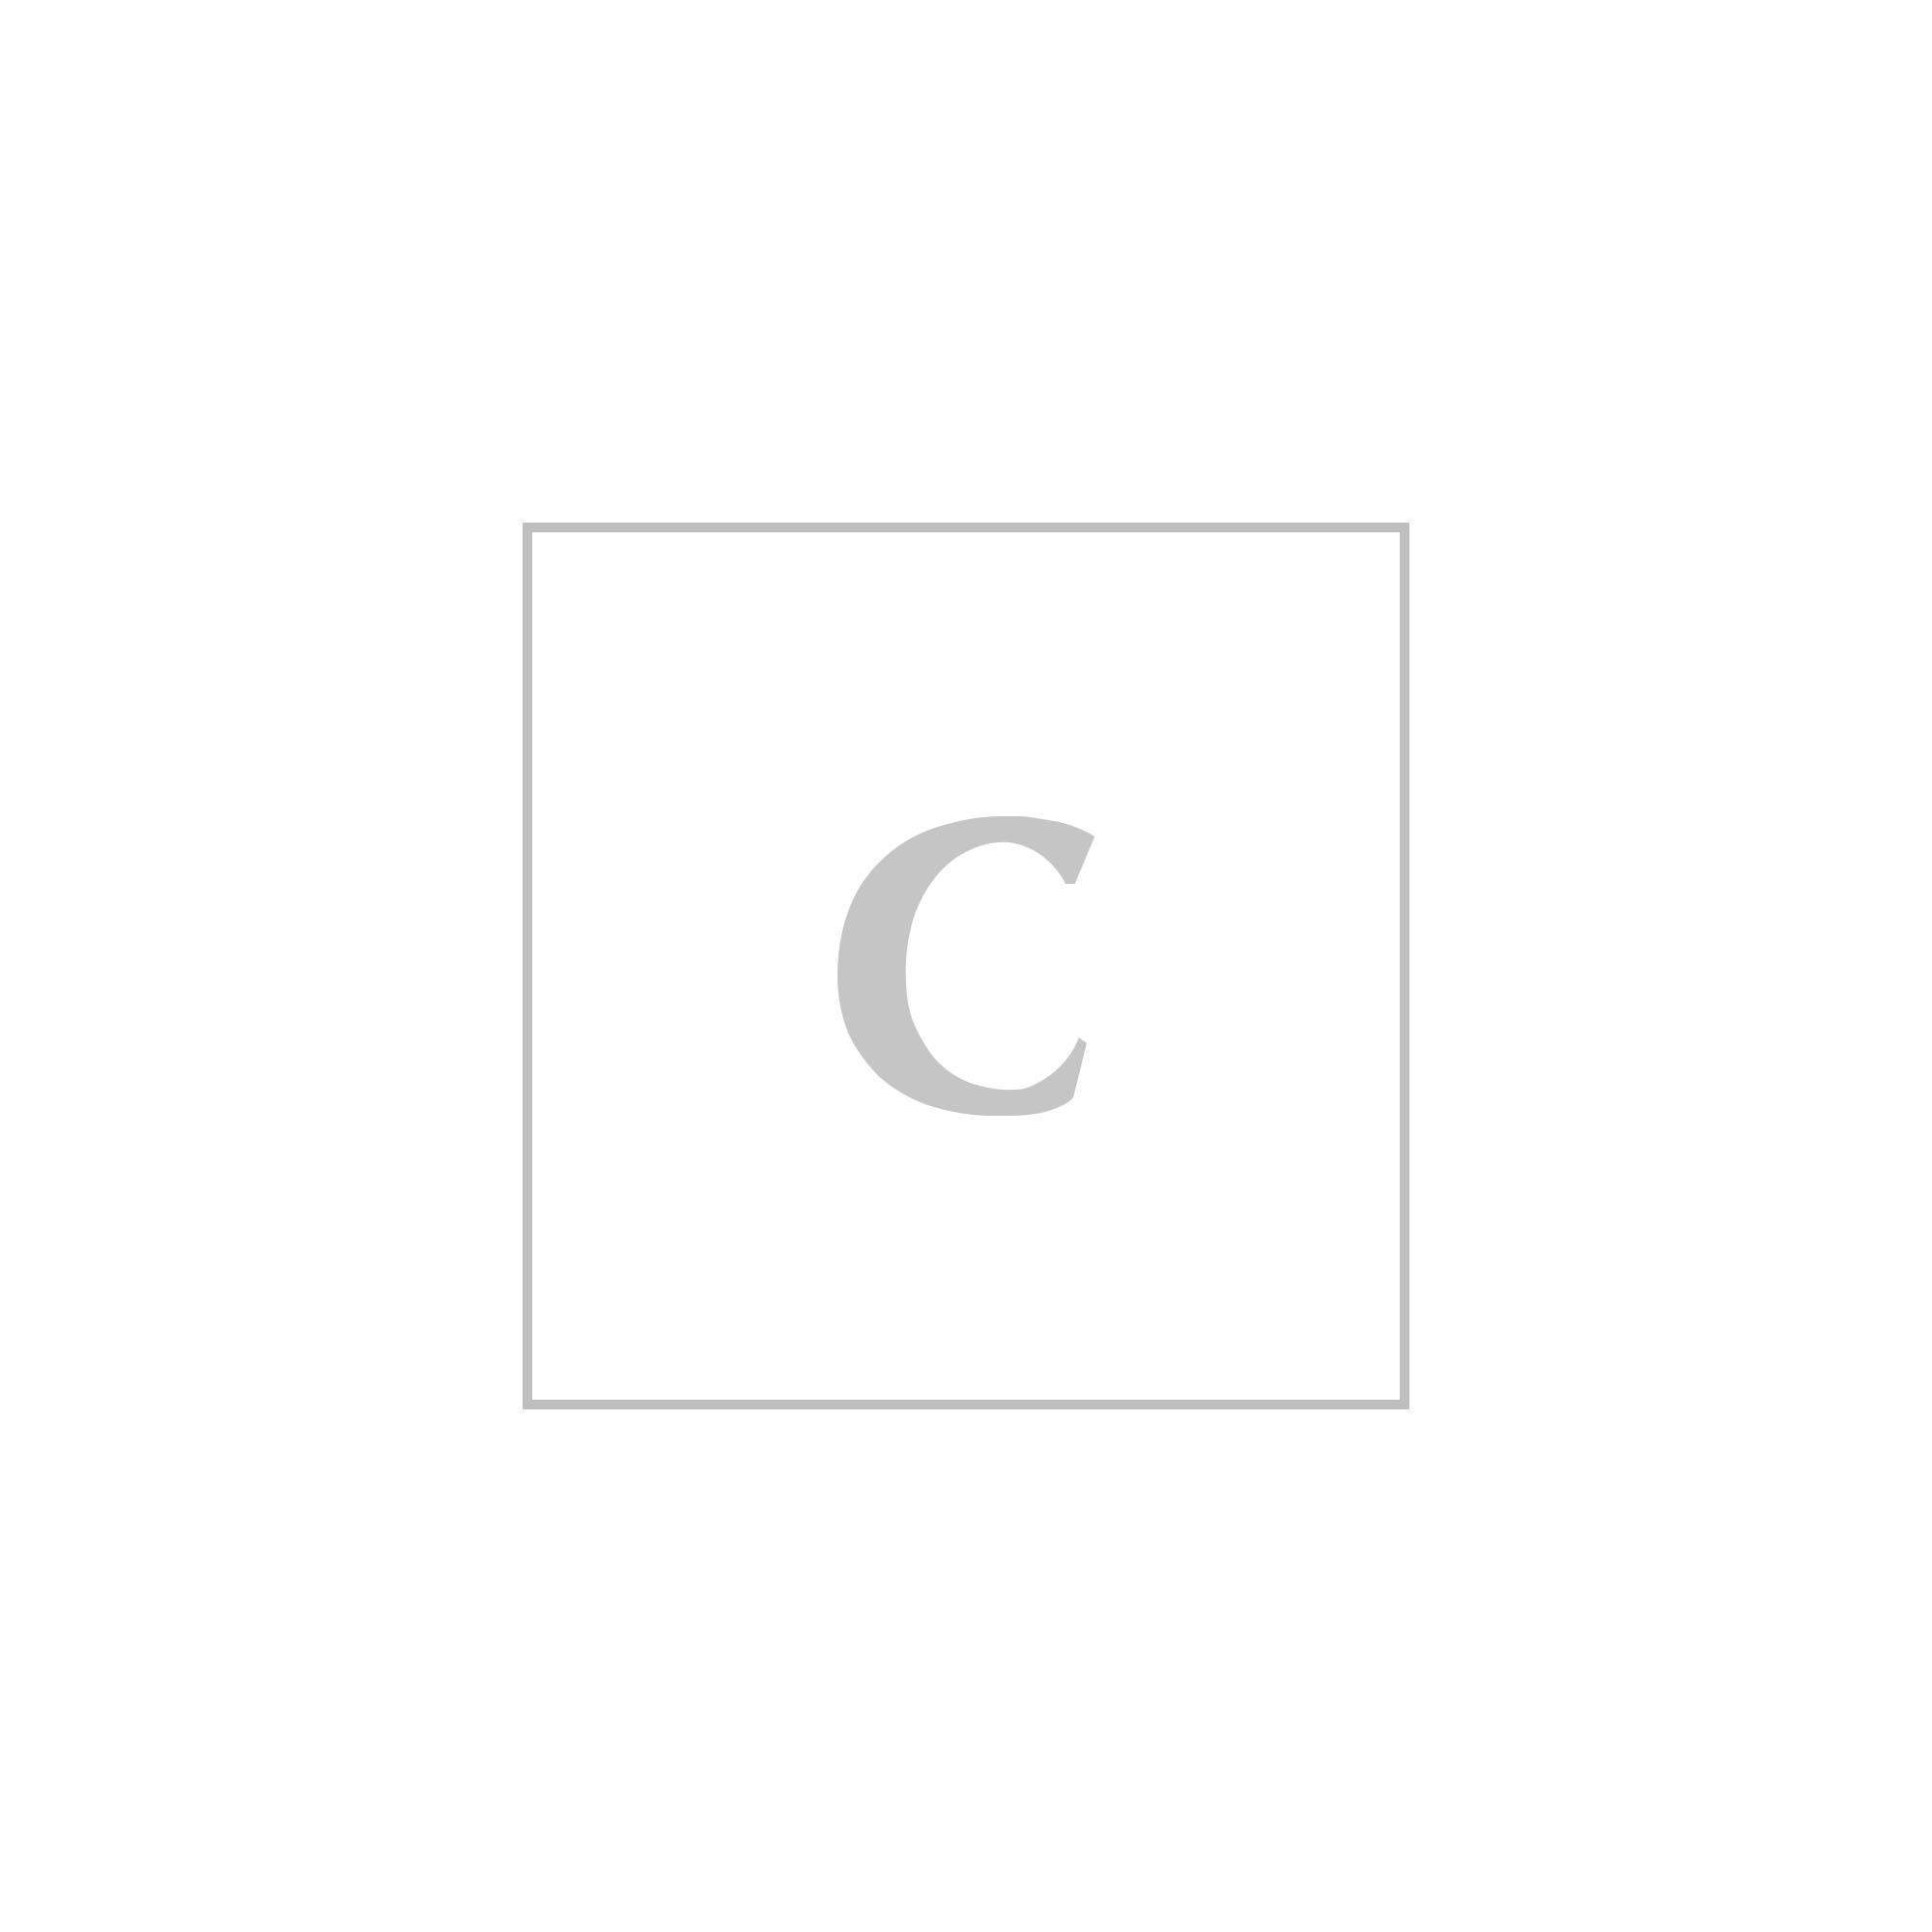 Saint laurent ysl monogramme small grain de poudre